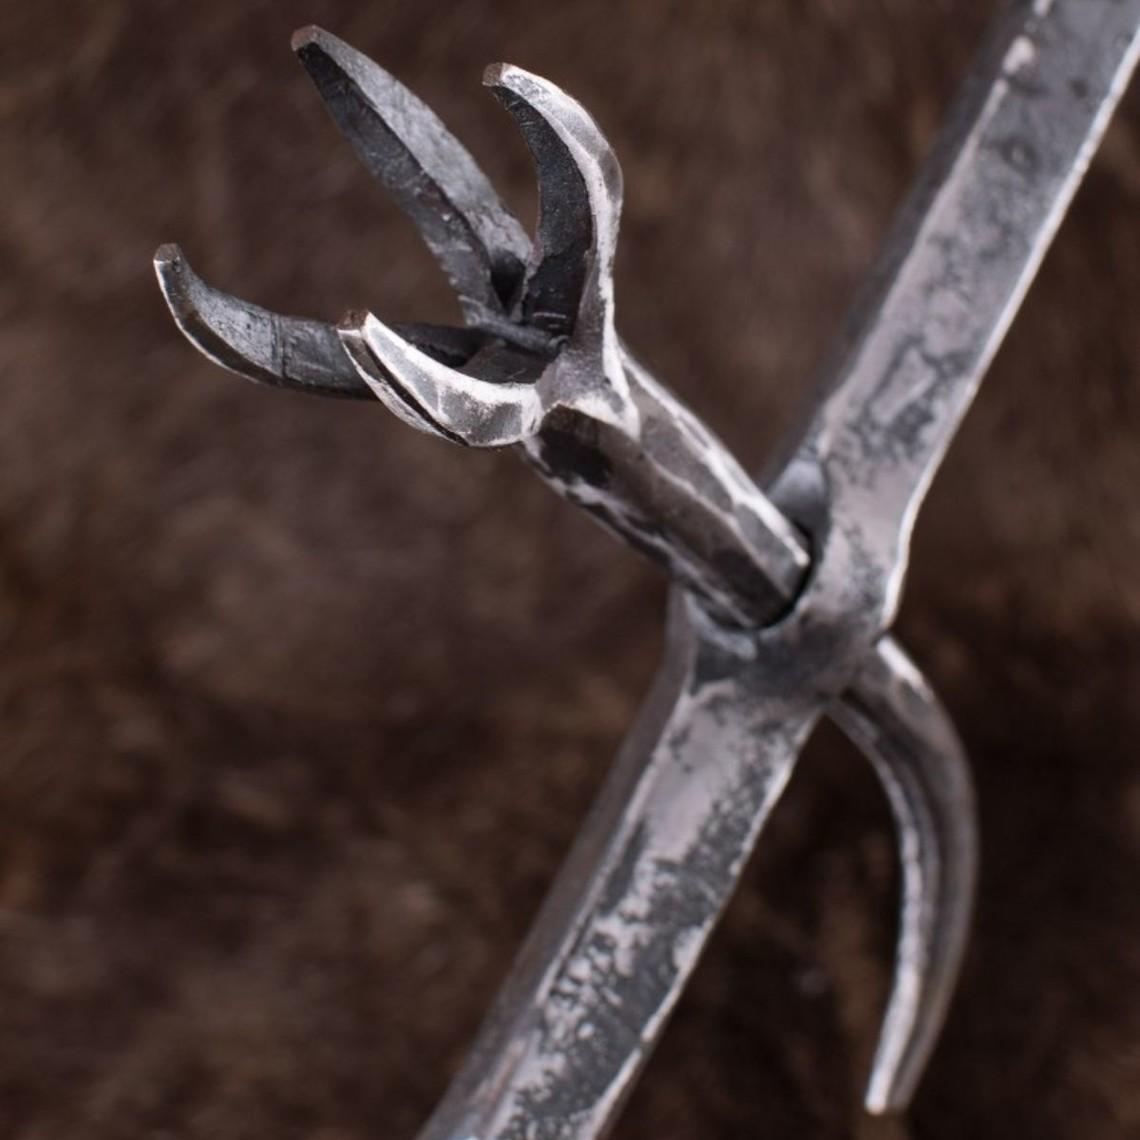 Ulfberth martillo de Lucerna, forjada a mano